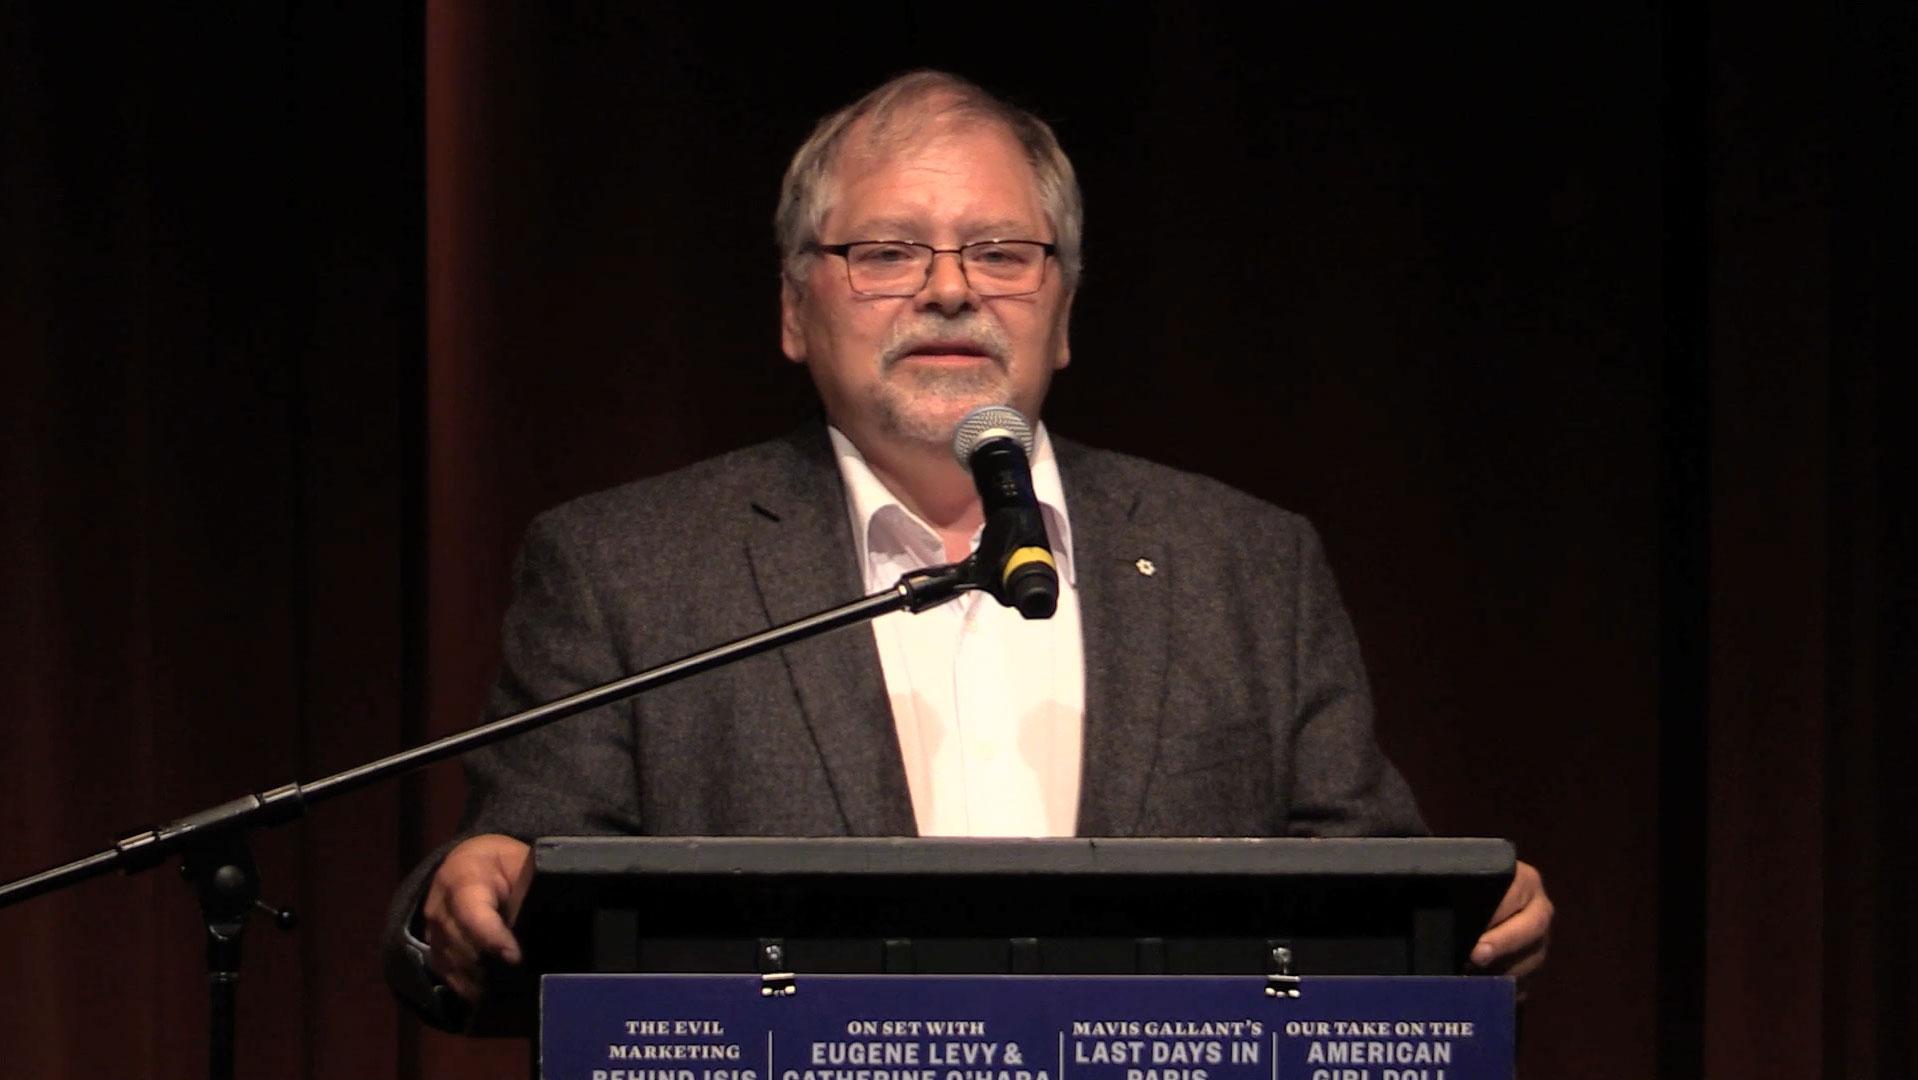 Video still of John Smol from The Walrus Talks Water